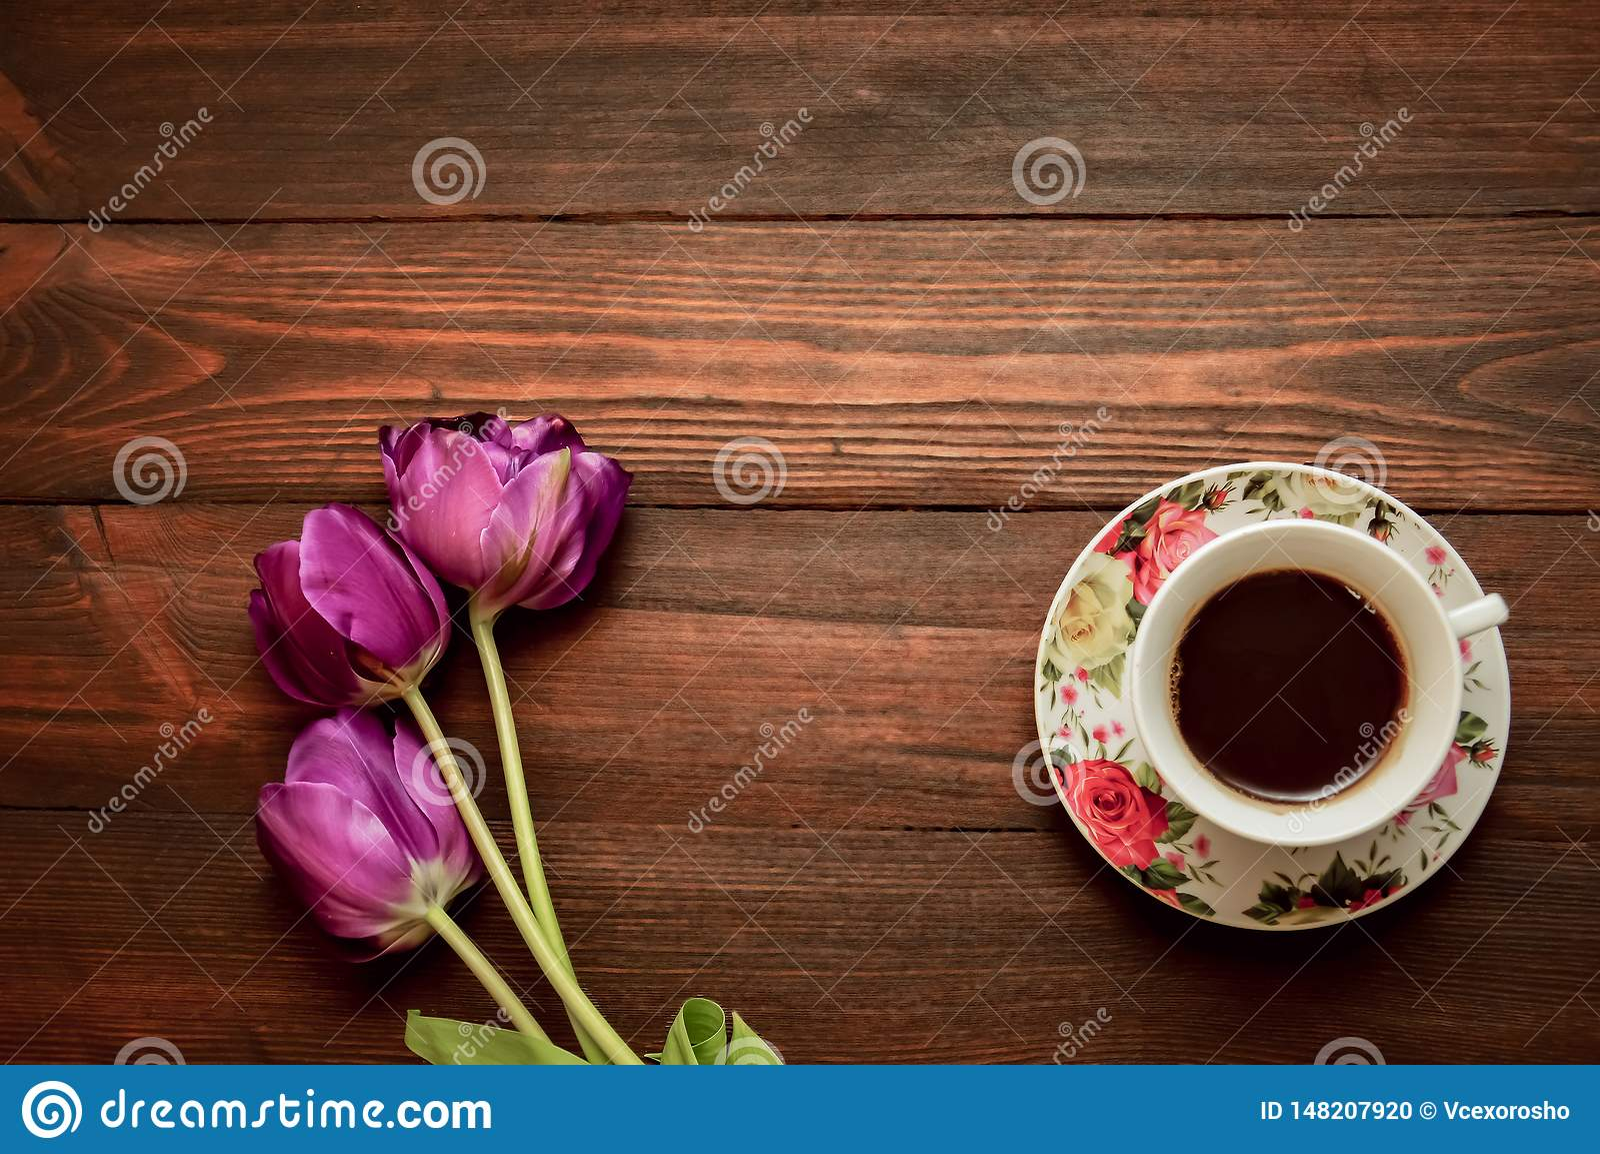 Una tazza di caff? o un t? su un piattino sta su un fondo di legno, tulipani porpora si trover? dopo